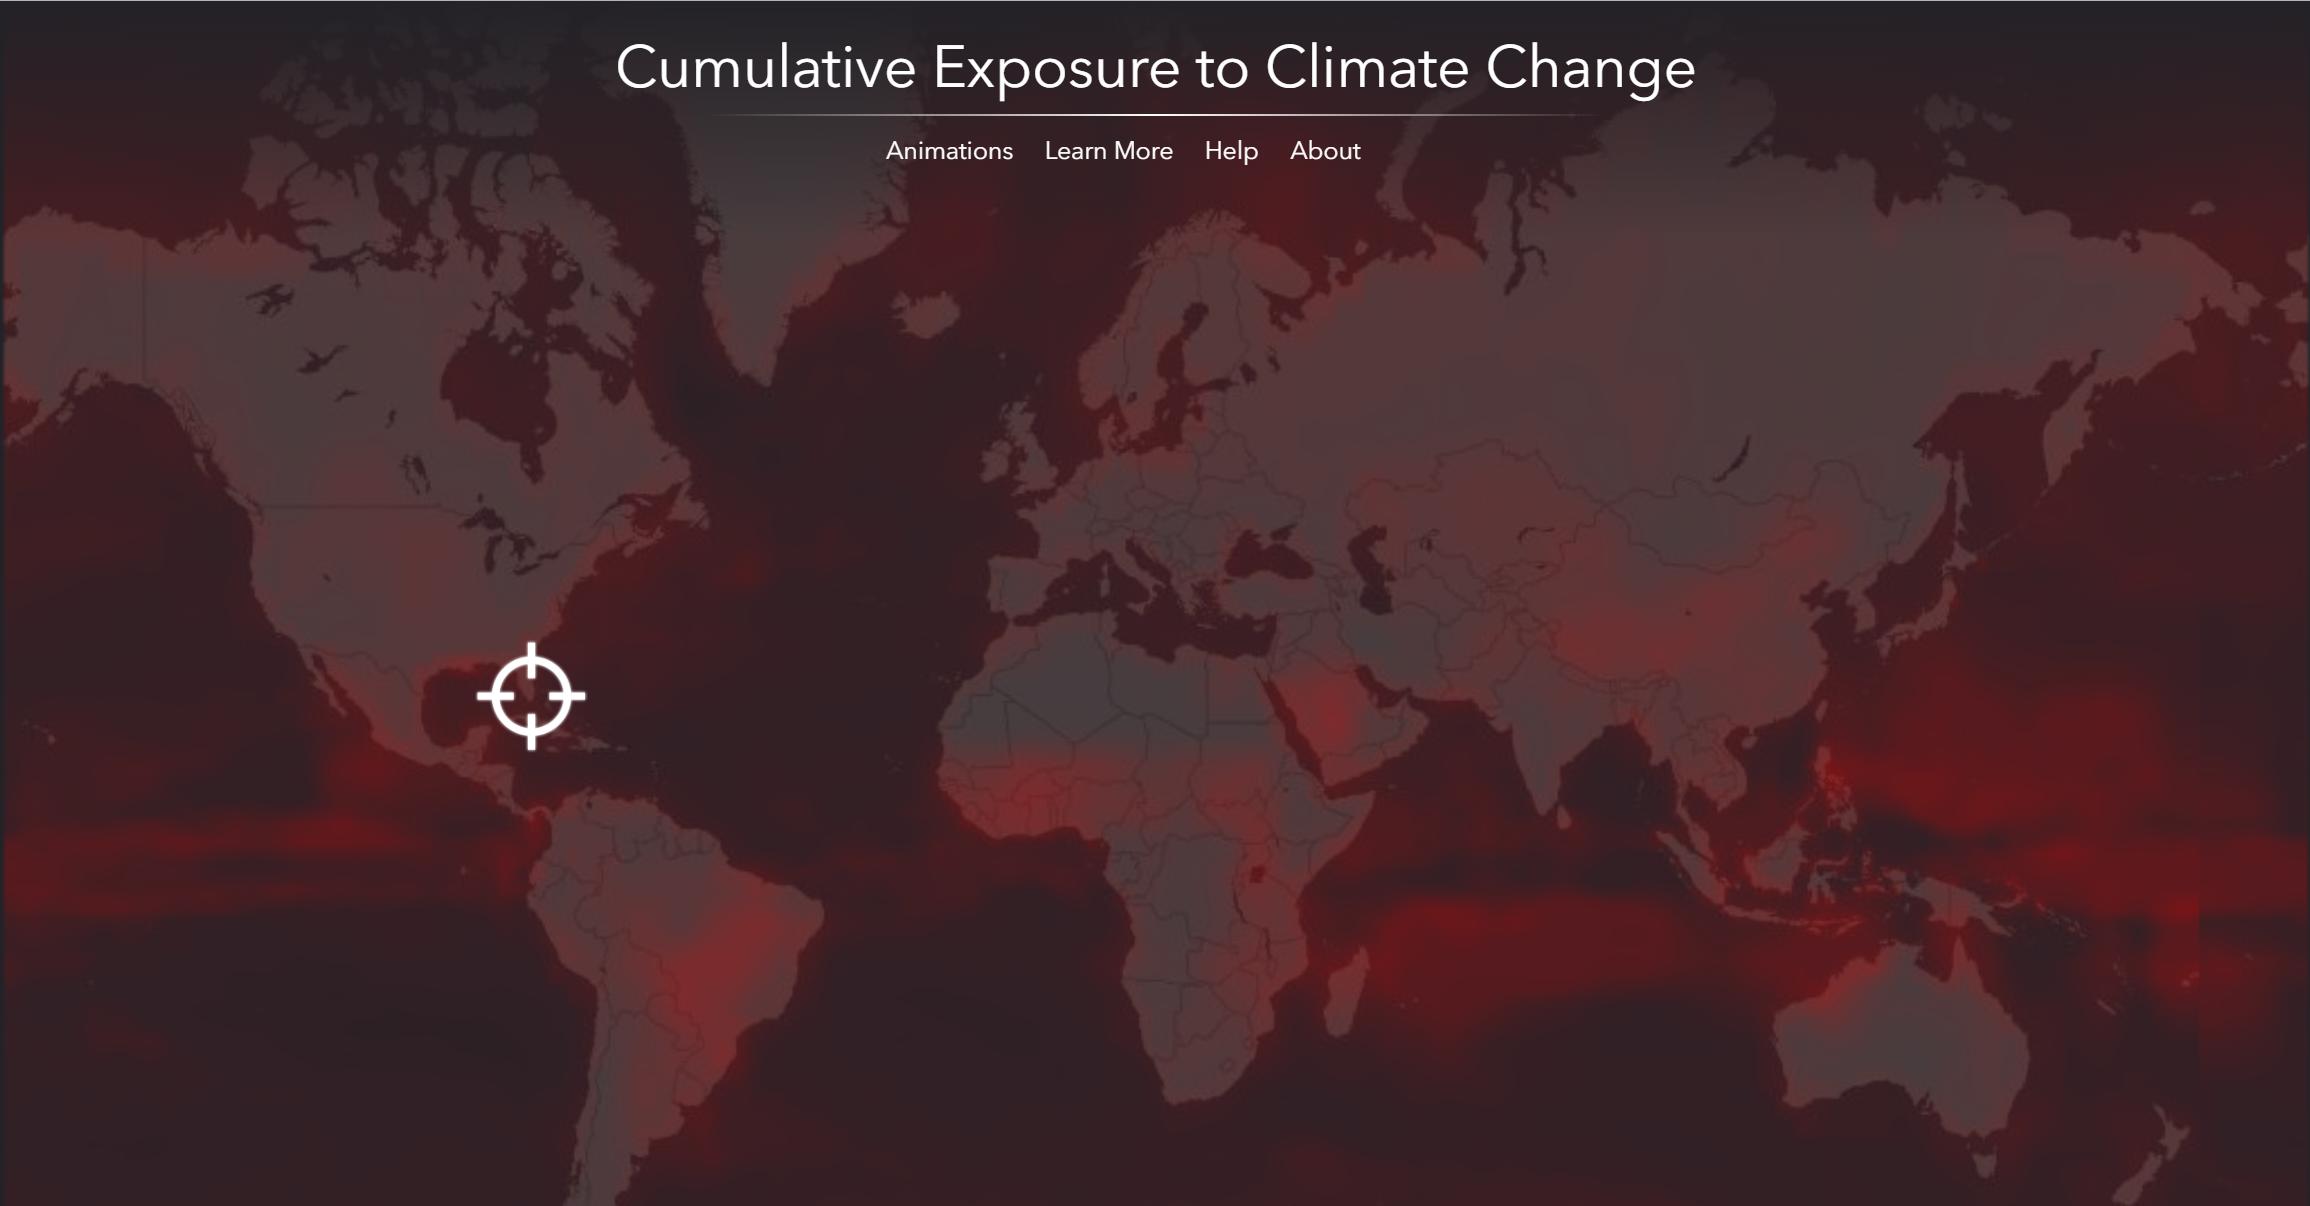 Klimatförändringarnas påverkan i olika delar av världen